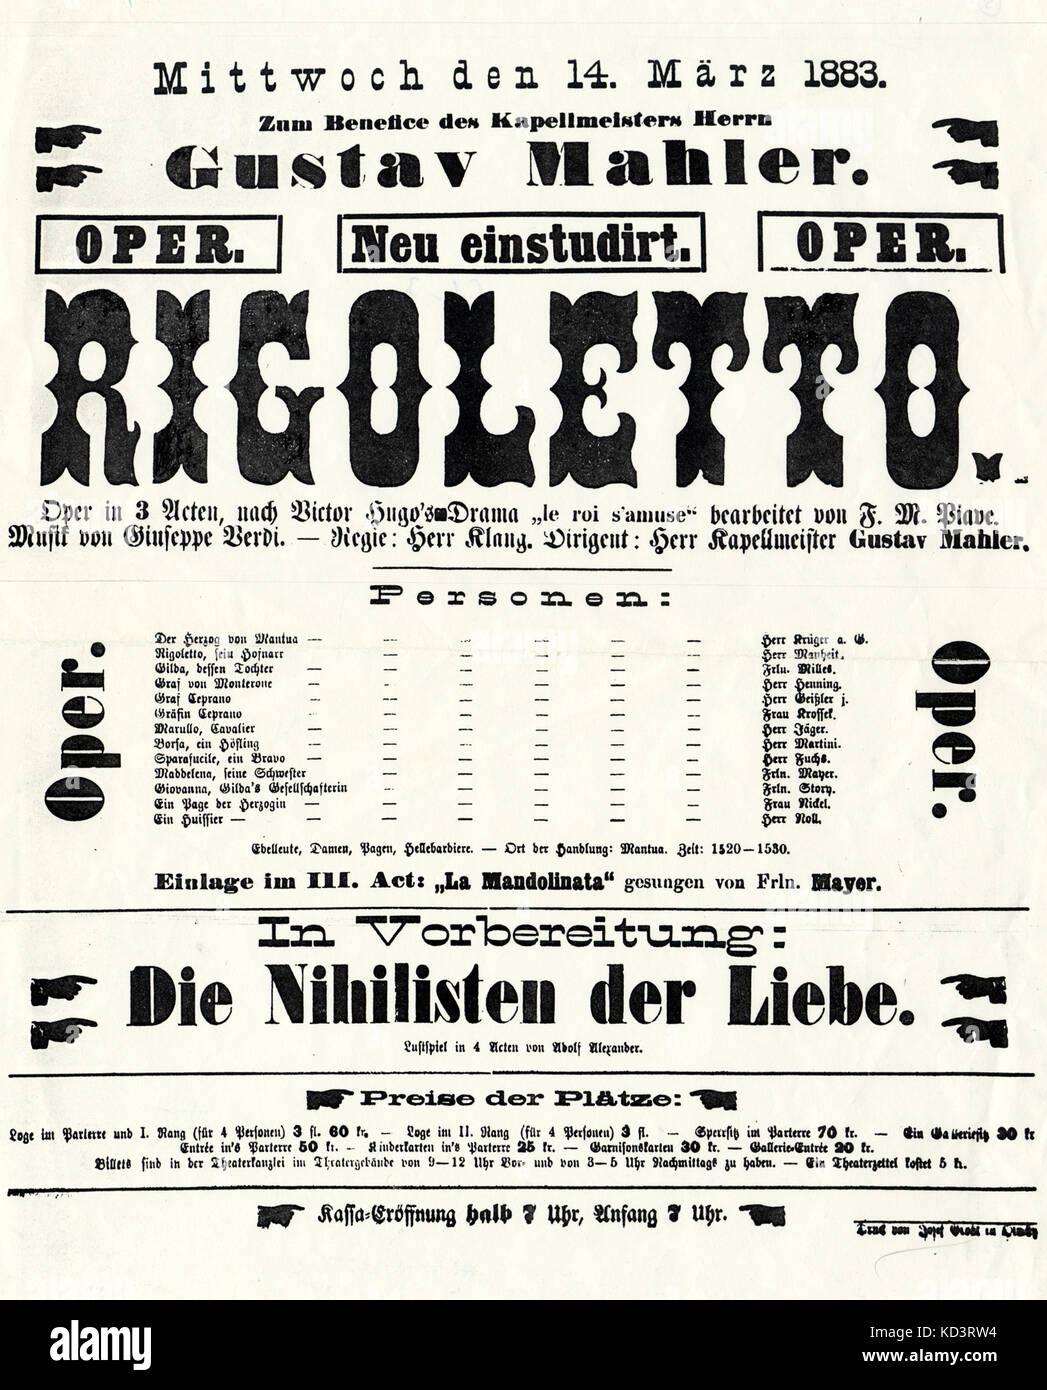 Plakat Werbung Gustav Mahler Durch Verdi Rigoletto Wien 14 März